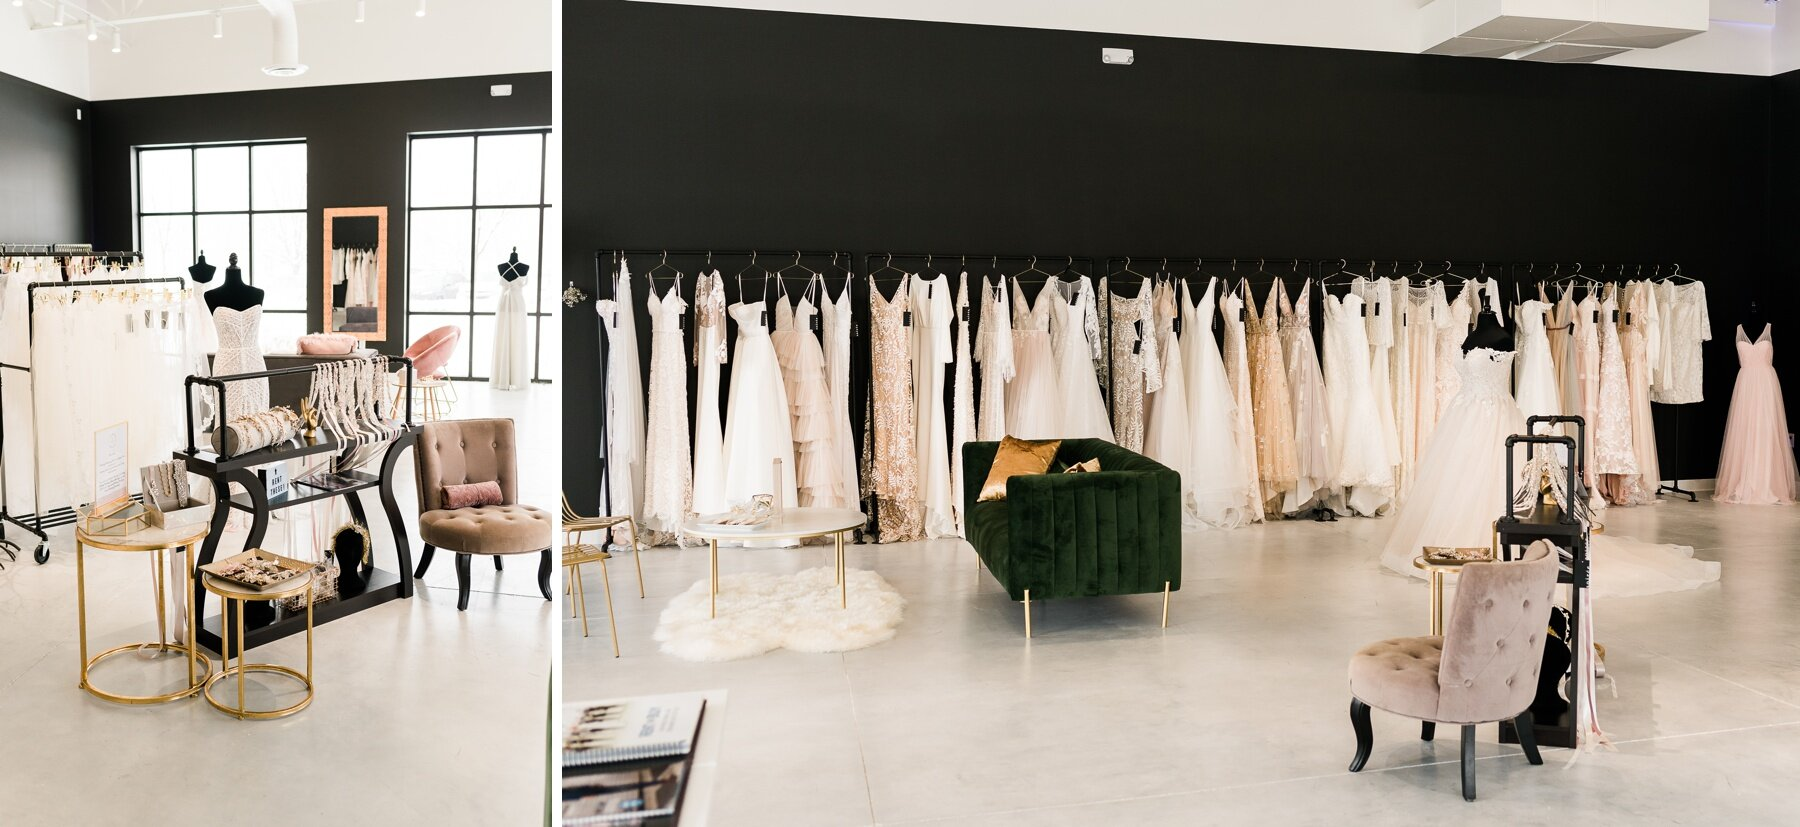 Soiree Bridal Boutique